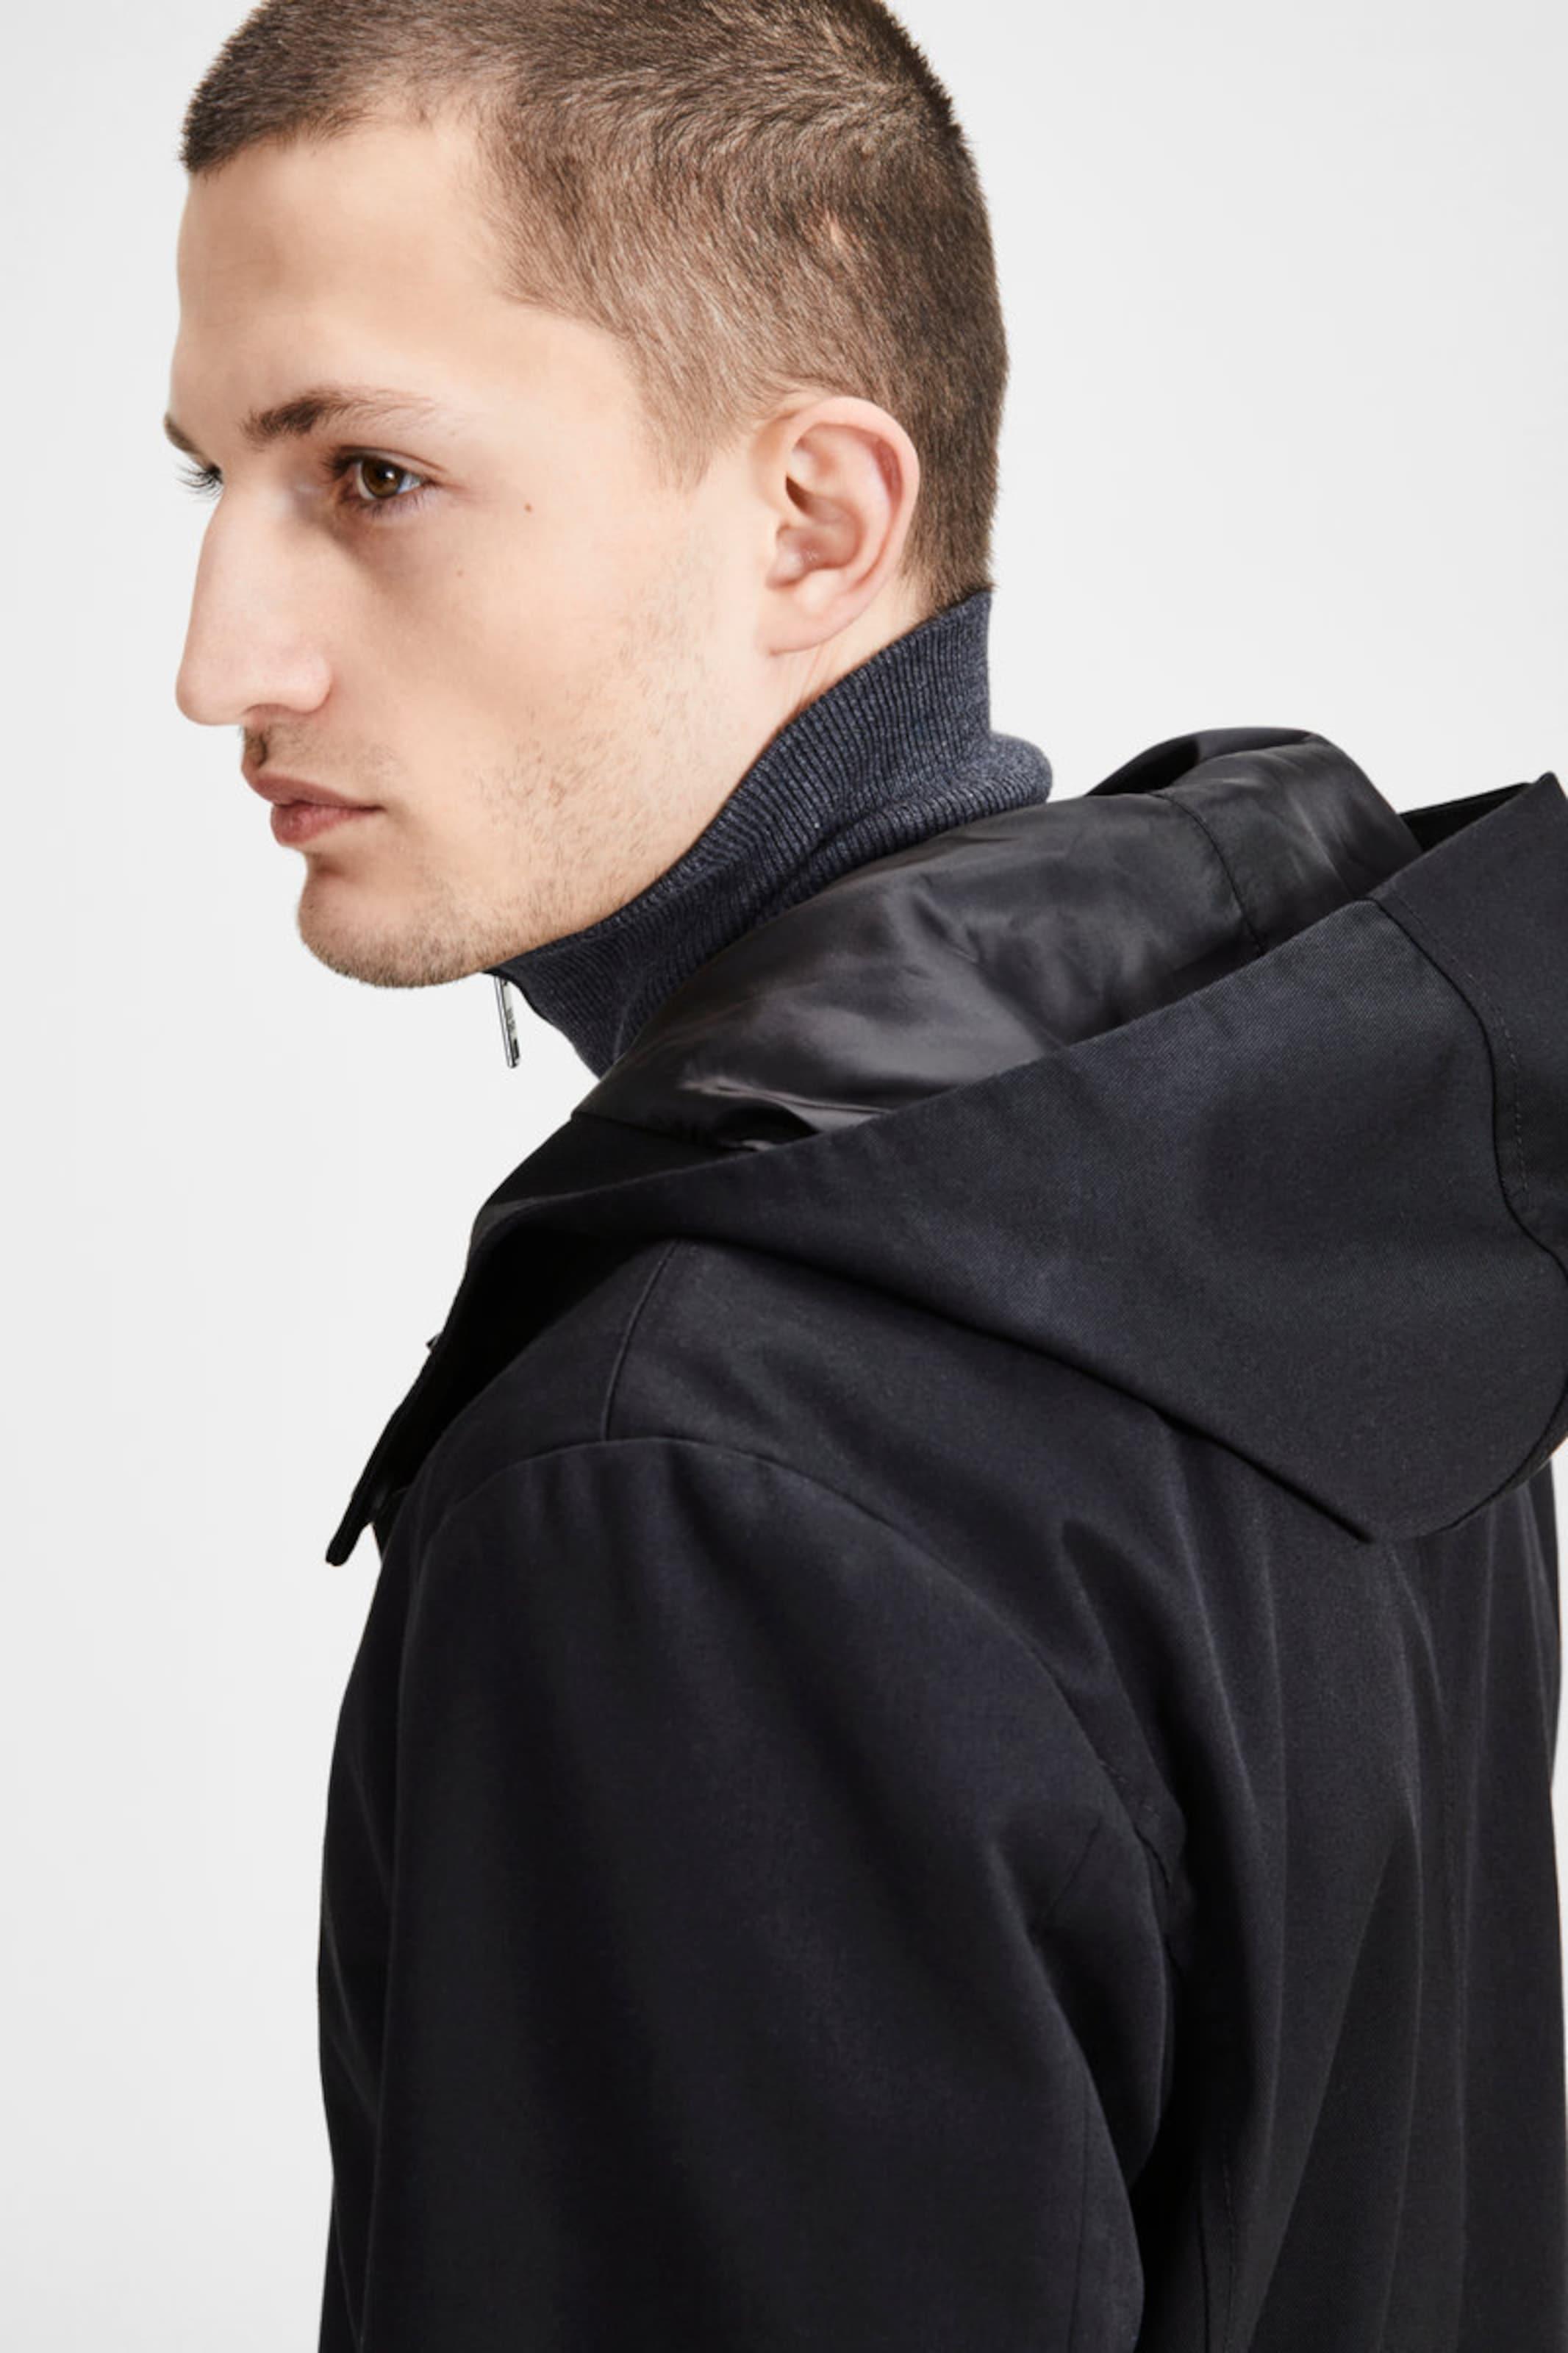 Rabatt Ausgezeichnet JACK & JONES Minimalistische Jacke Billig Manchester Austrittsstellen Zum Verkauf PnYnL